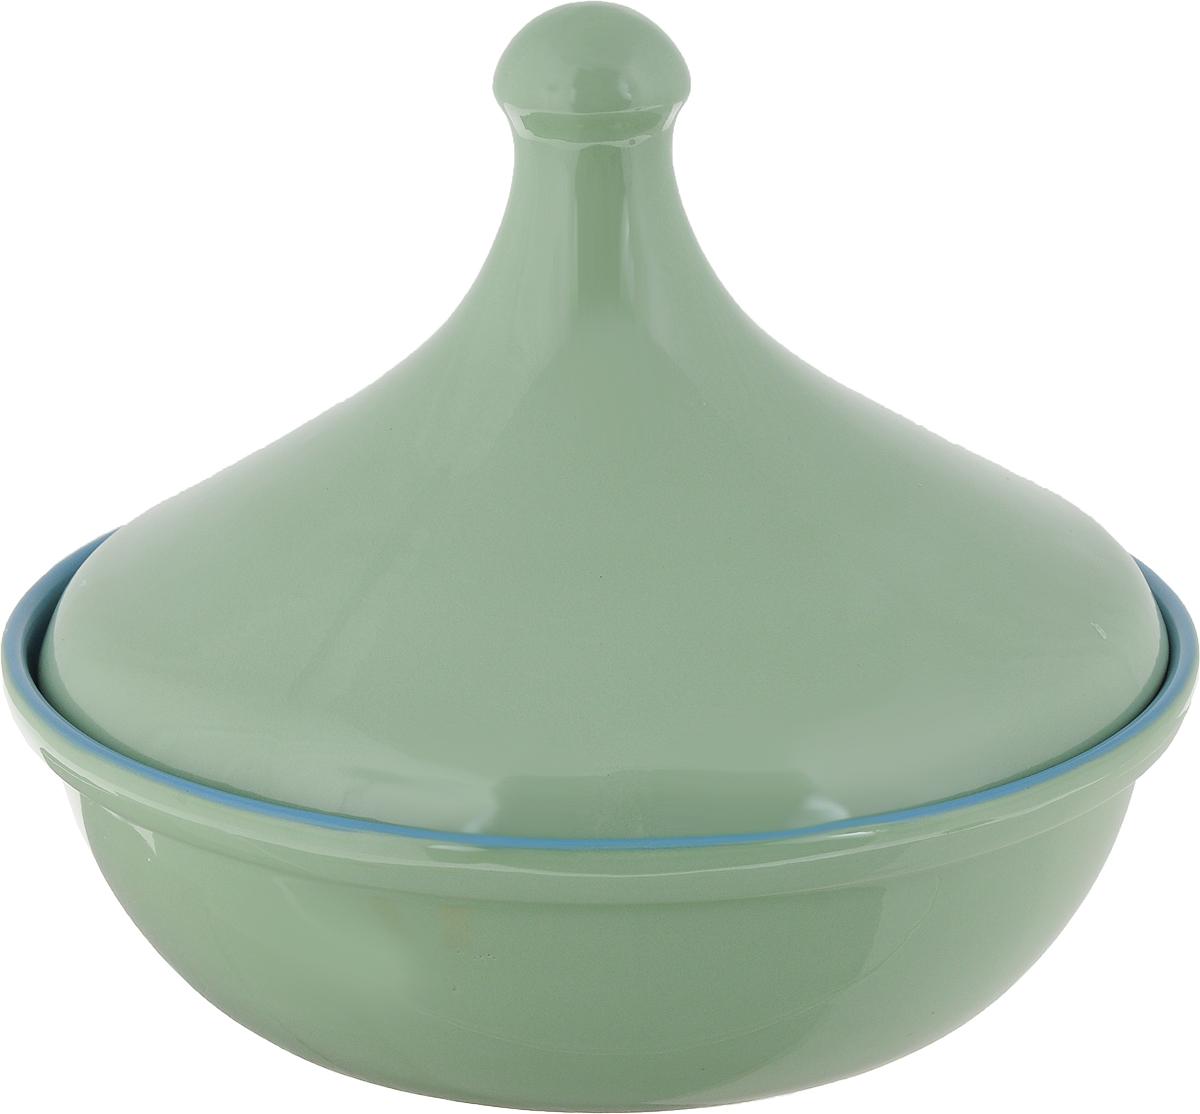 Тажин Борисовская керамика Радуга, цвет: светло-зеленый, 2,5 лРАД14456627_светло зеленый, окантовка голубаяТажин Борисовская керамика Радуга, цвет: светло зеленый, 2,5 л